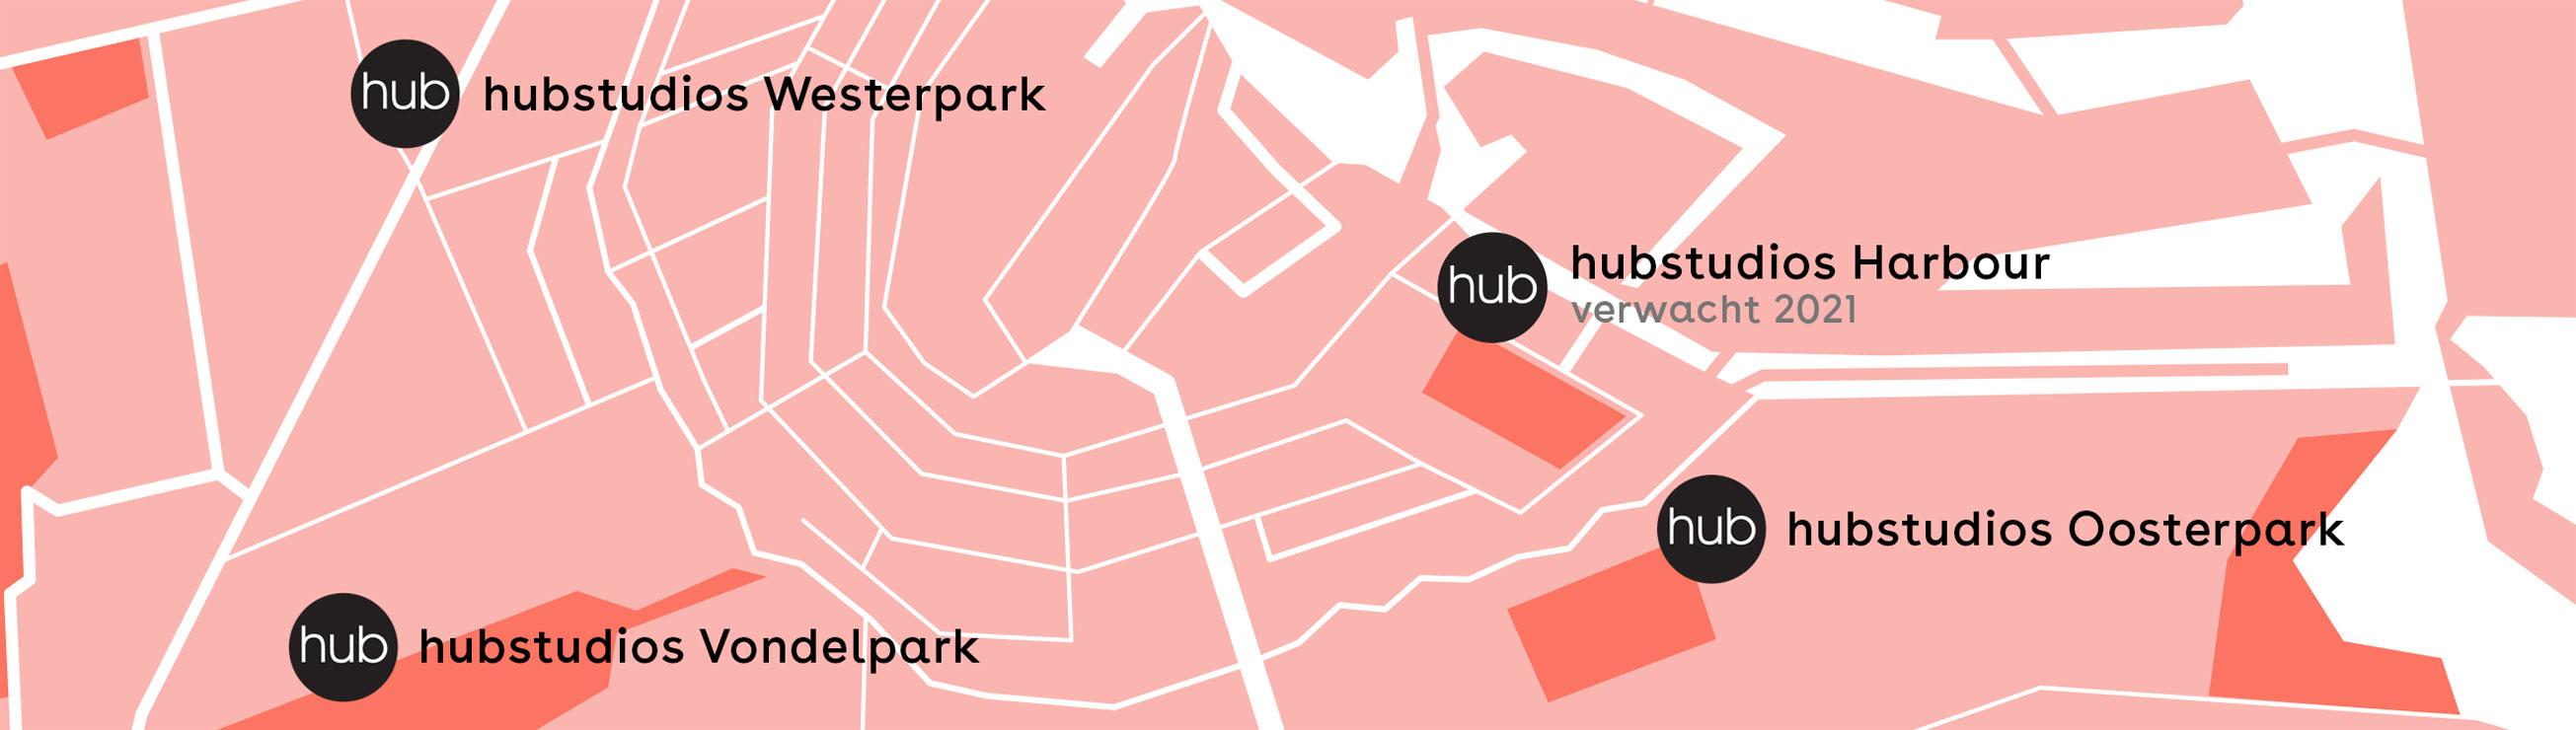 hubstudios locaties